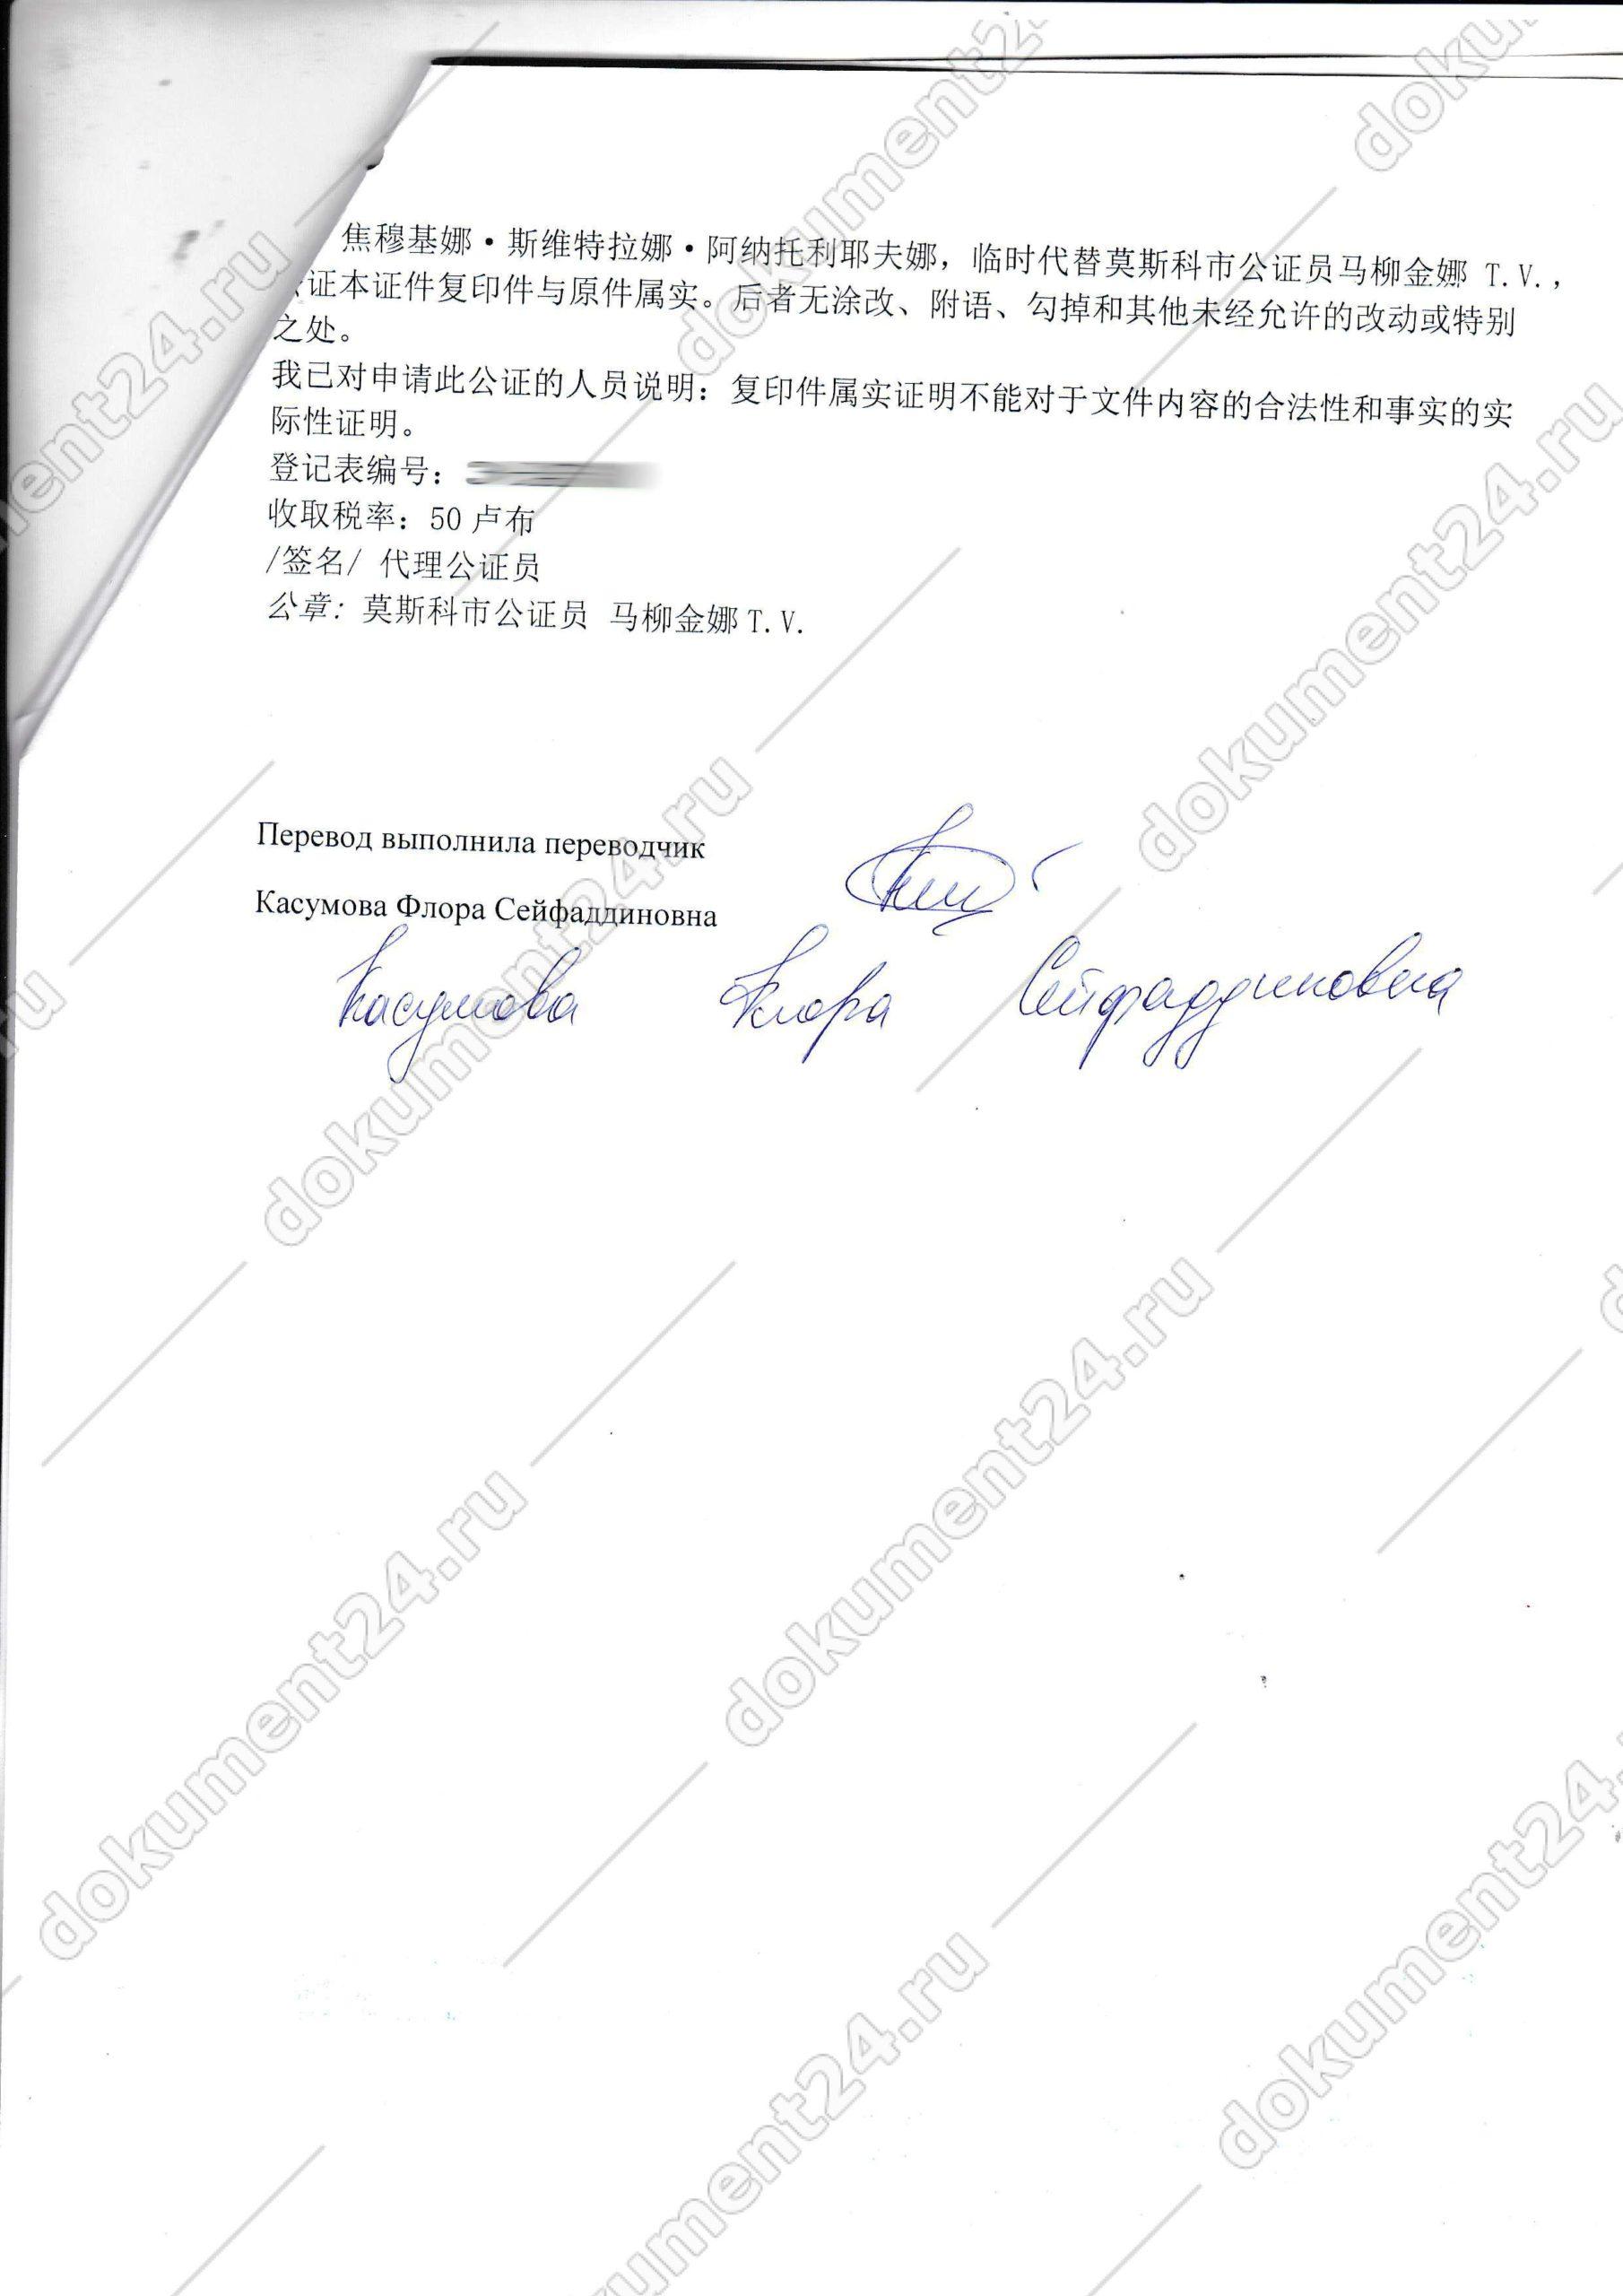 vypiska-yegryul-kitay-notarialnii-perevod